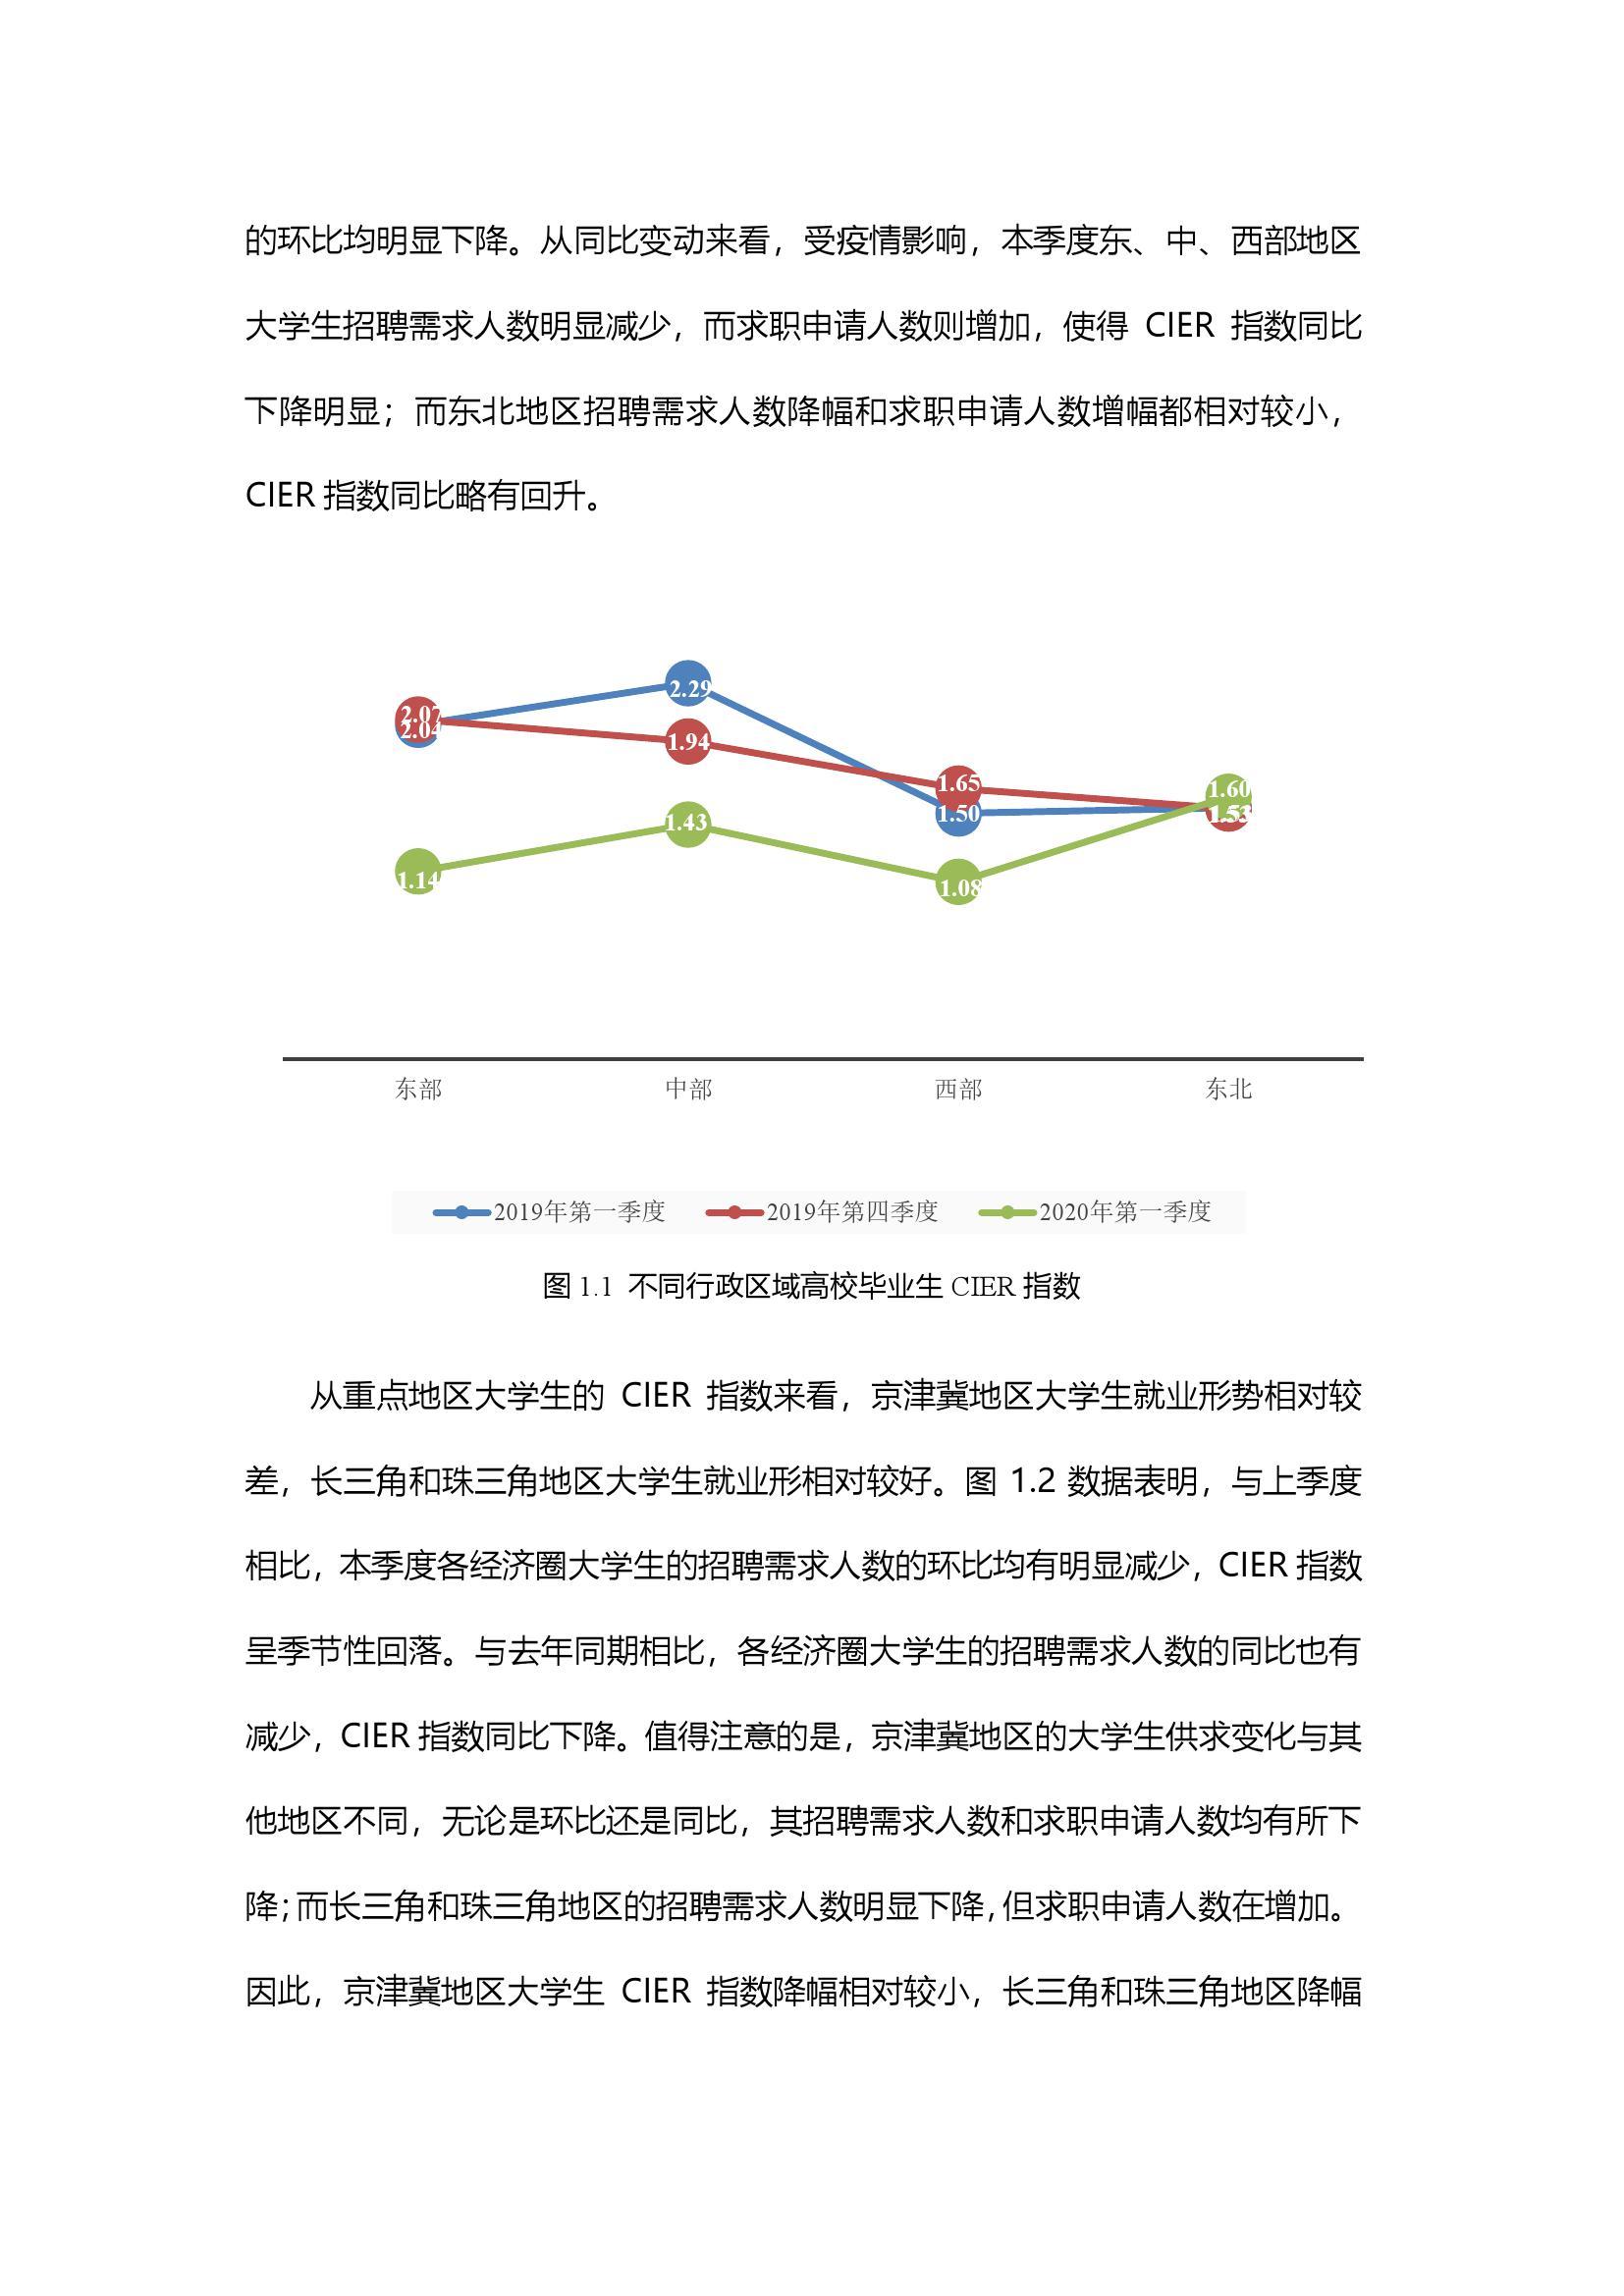 中国人民大学智联招聘:2020年大学生就业力报告